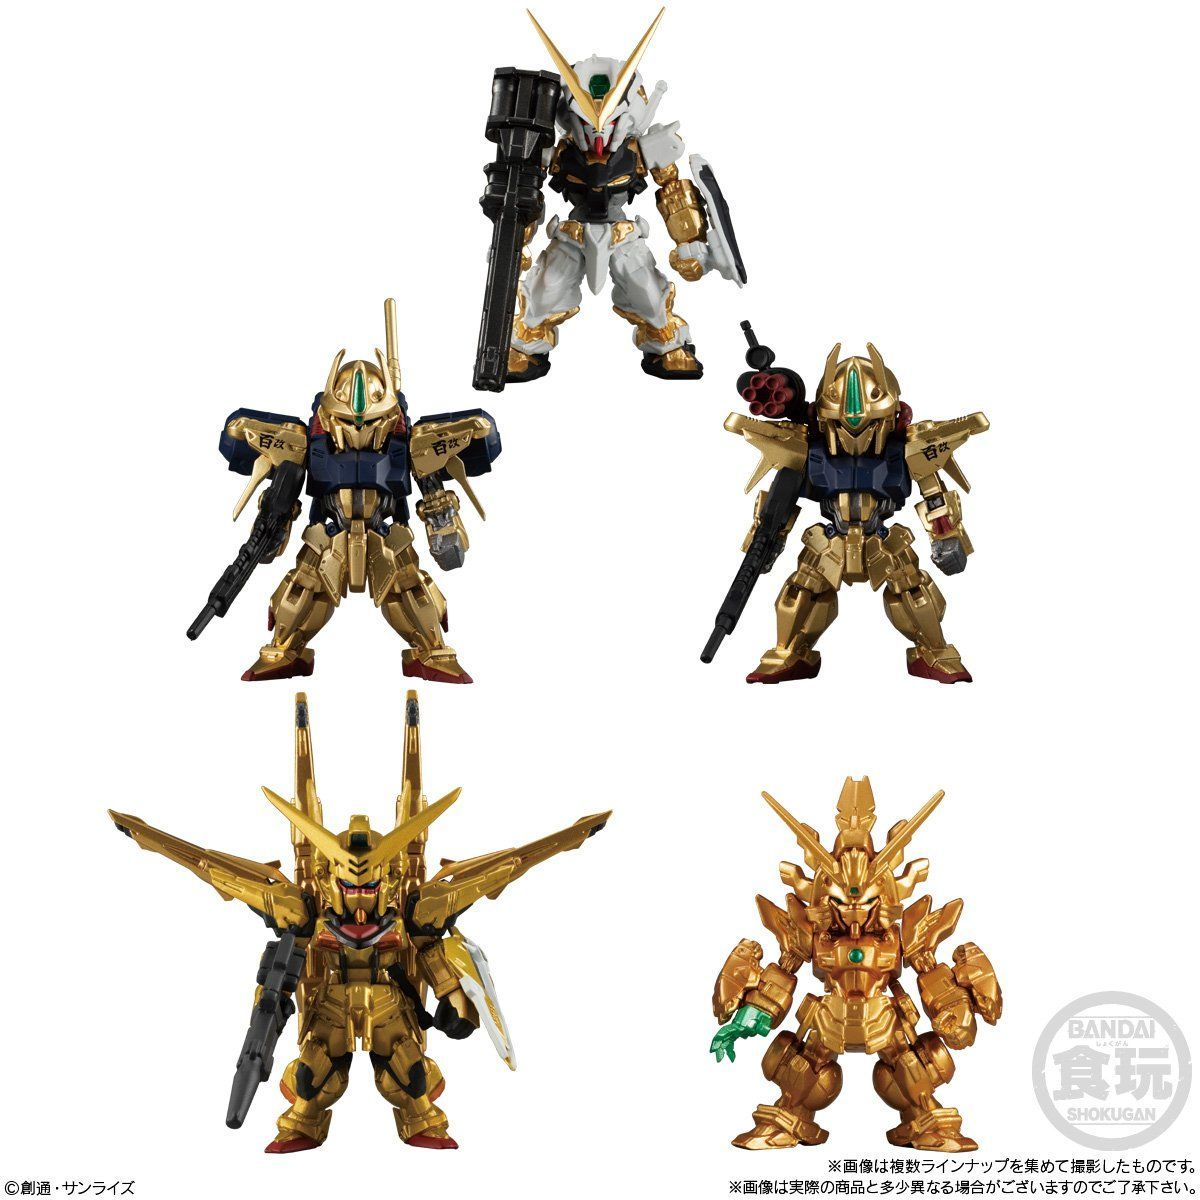 【食玩】機動戦士ガンダム『FW GUNDAM CONVERGE GOLD EDITION』デフォルメフィギュア 8個入りBOX-007